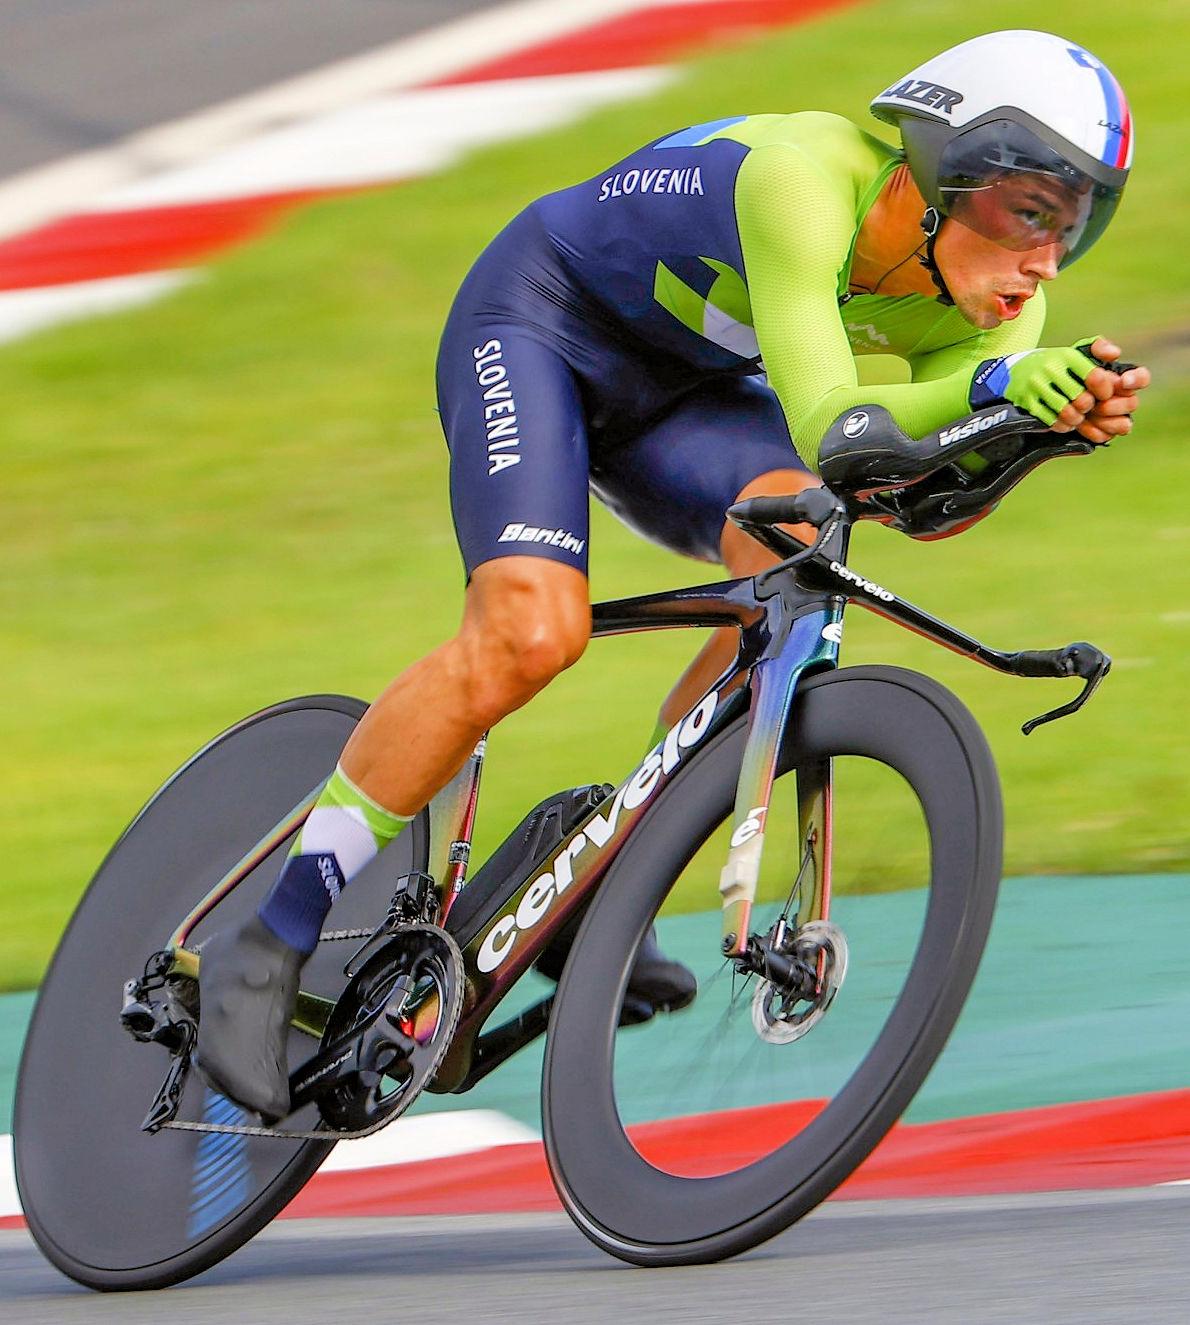 Primoz Roglic - Vuelta 2021 Favourites stage 21: Roglic' final act